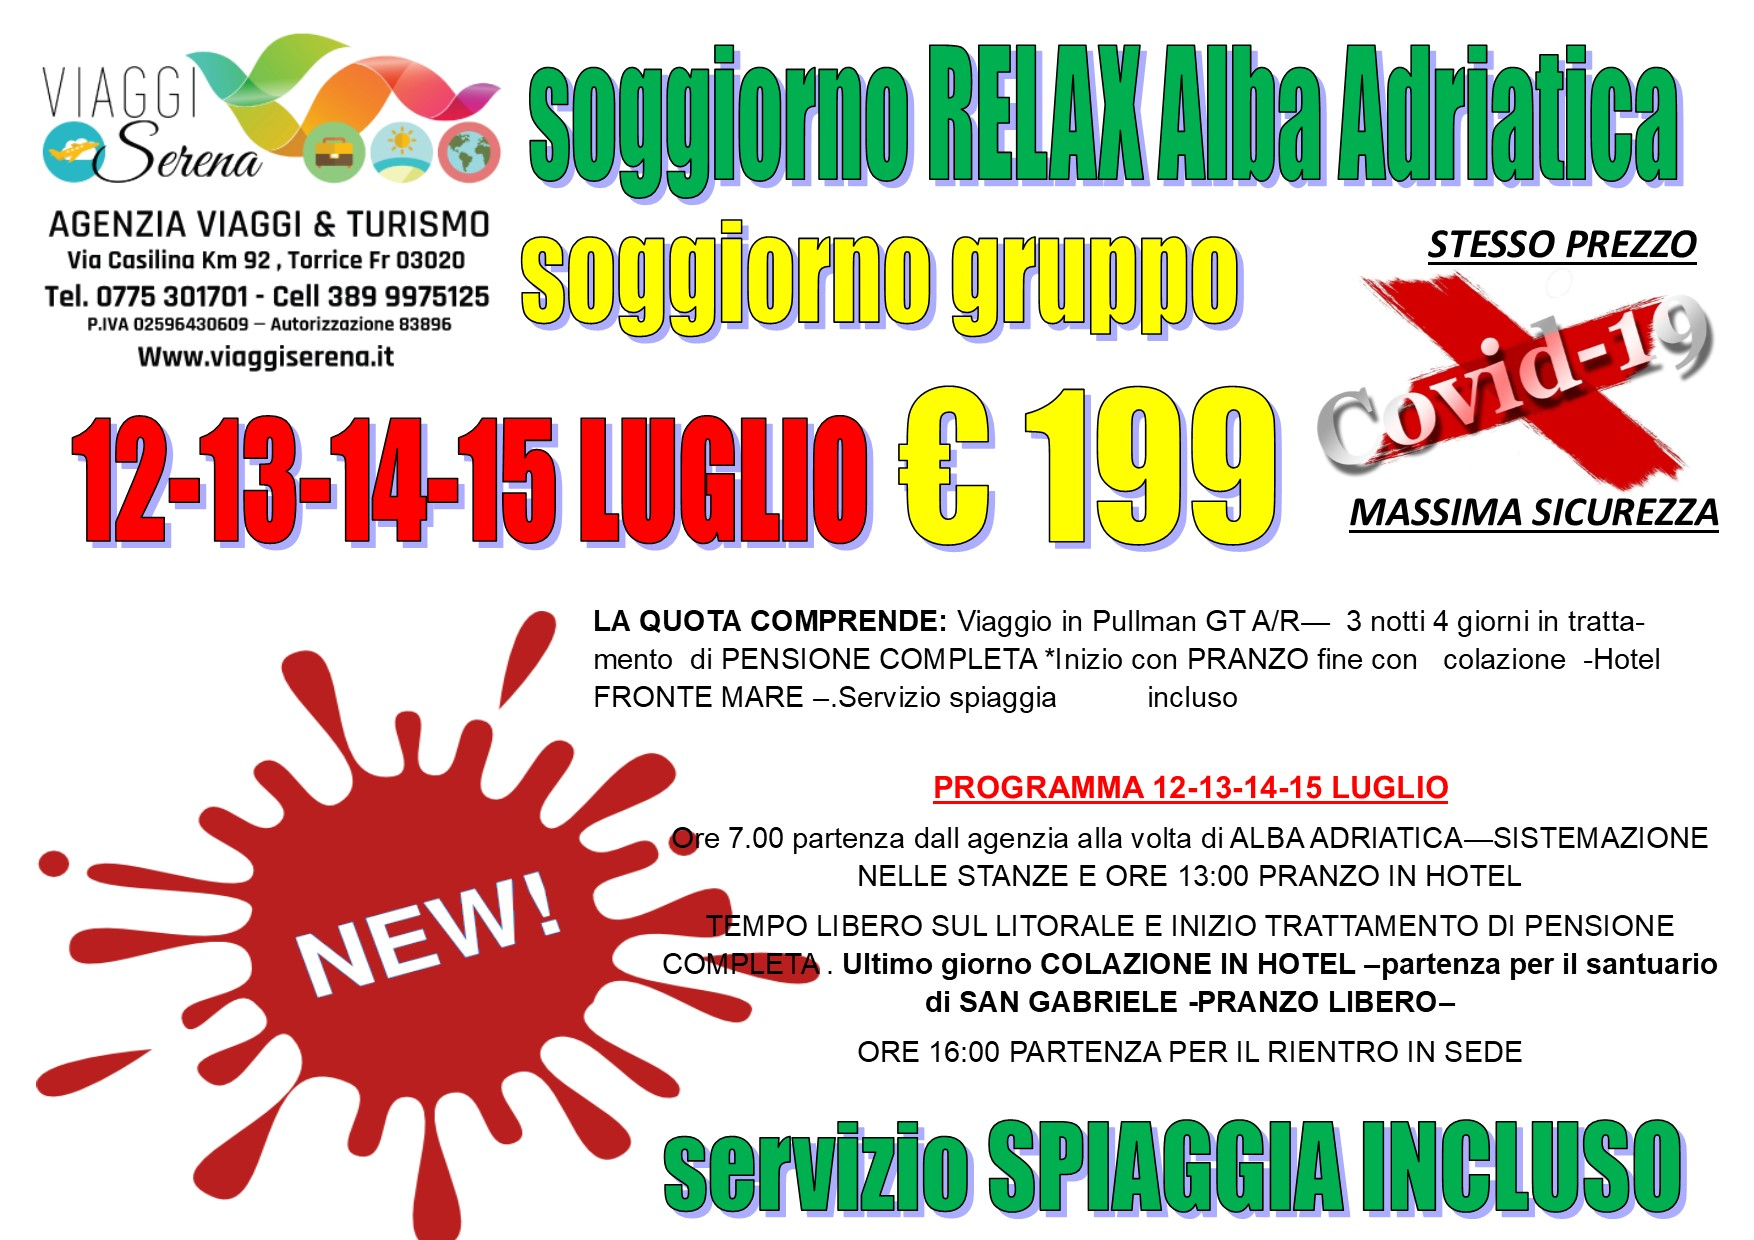 Viaggi di Gruppo: Soggiorno relax ALBA ADRIATICA 12-13-14-15 LUGLIO € 199,00